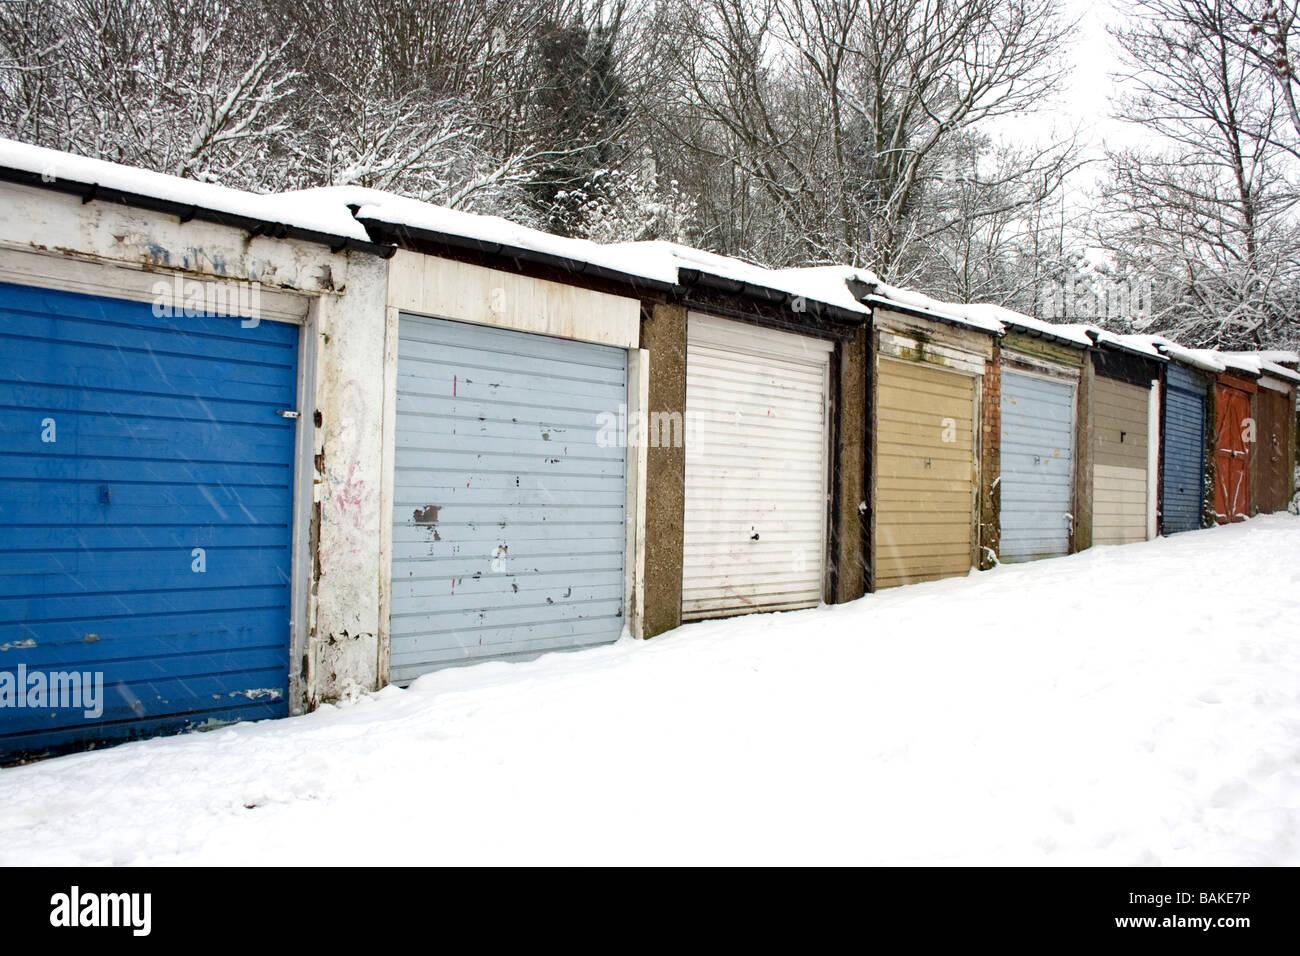 Una fila de Londres garajes con puertas de colores brillantes en contraste con la nieve y siluetas de árboles detrás Foto de stock